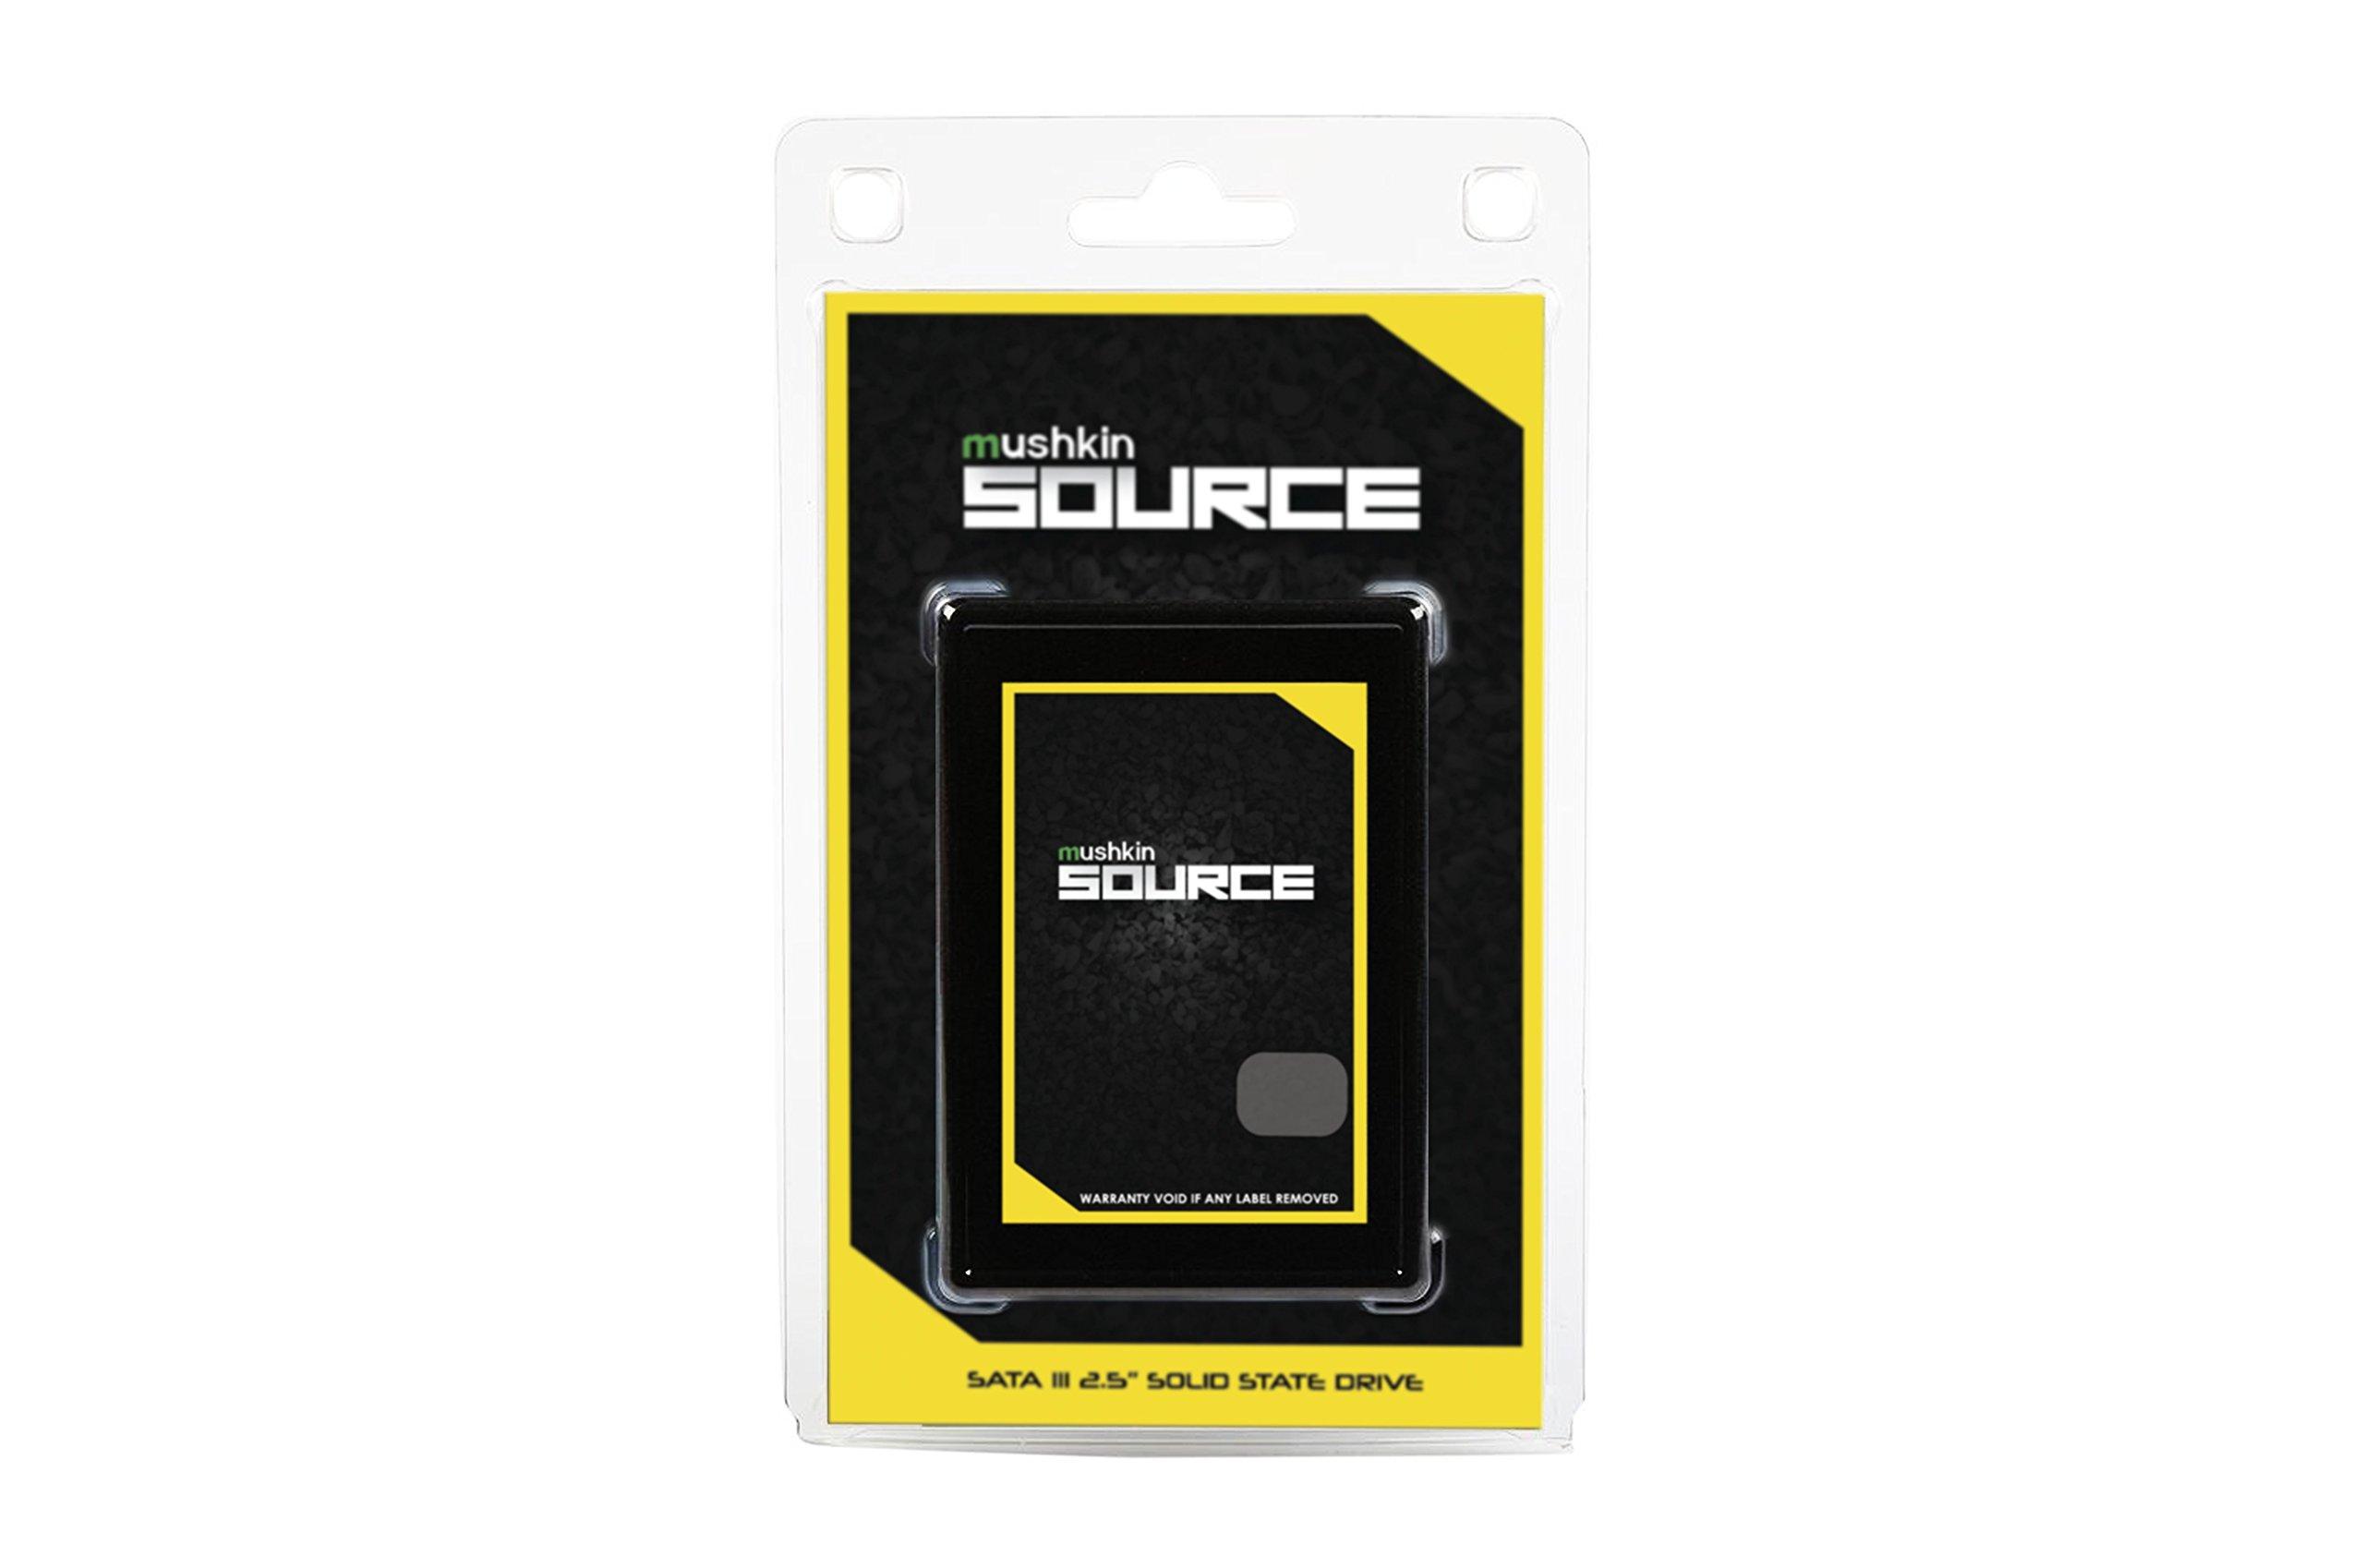 Mushkin Source - 1TB Internal Solid State Drive (SSD) - 2.5 Inch - SATA III - 6Gb/s - 3D Vertical TLC - 7mm - (MKNSSDSR1TB), Black by Mushkin (Image #5)